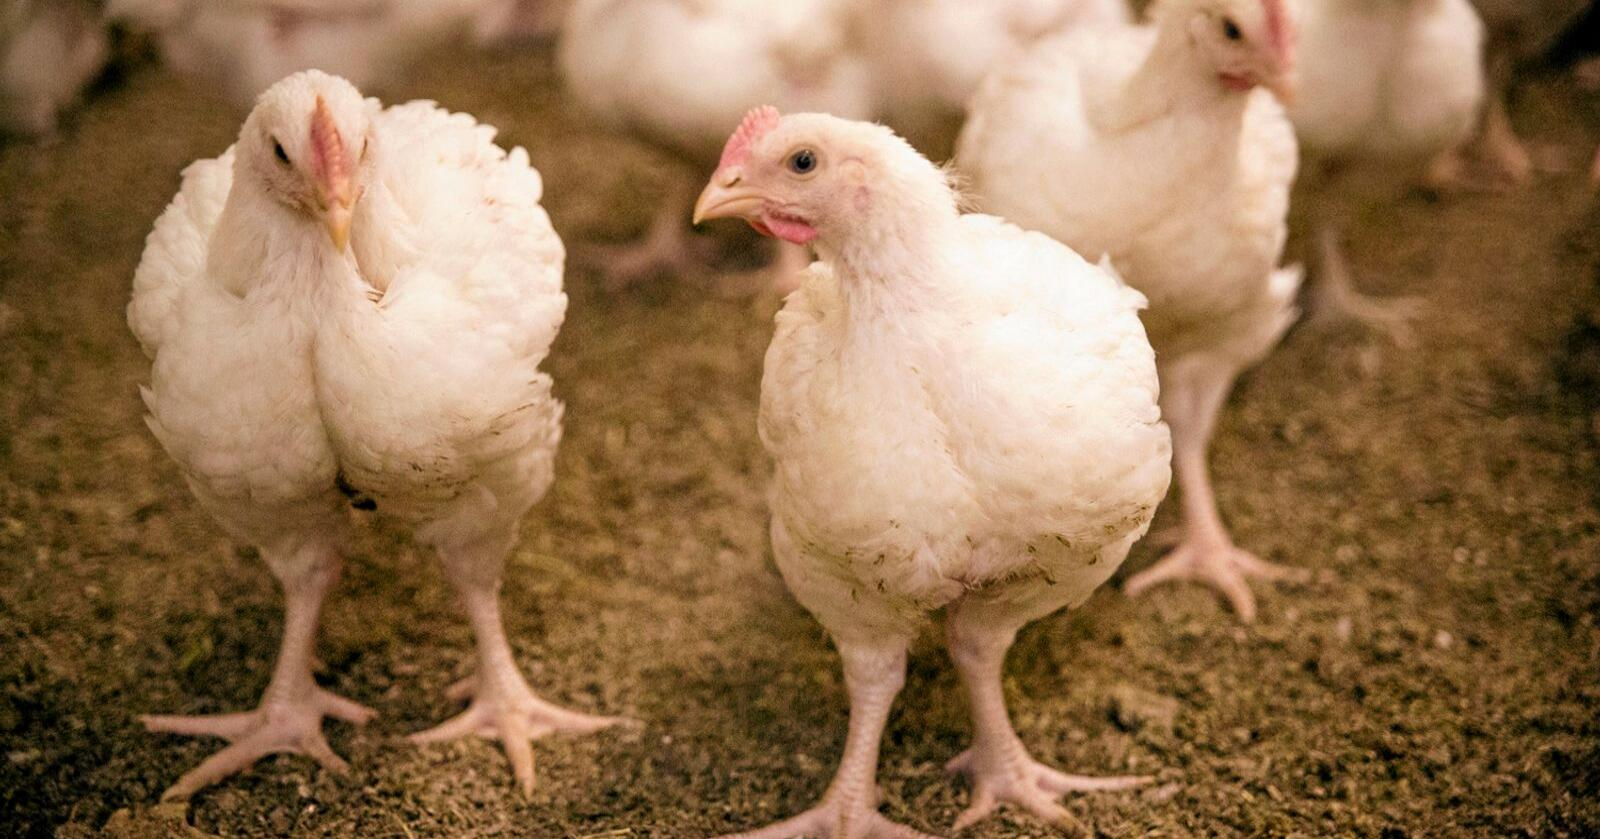 Norsk Kylling ber om dialog med Mattilsynet etter at tilsynsmyndigheten ba dem stanse bruken av en rapport som roste kyllinghybriden som eksklusivt brukes i deres produksjon. Foto: Dyrevernalliansen